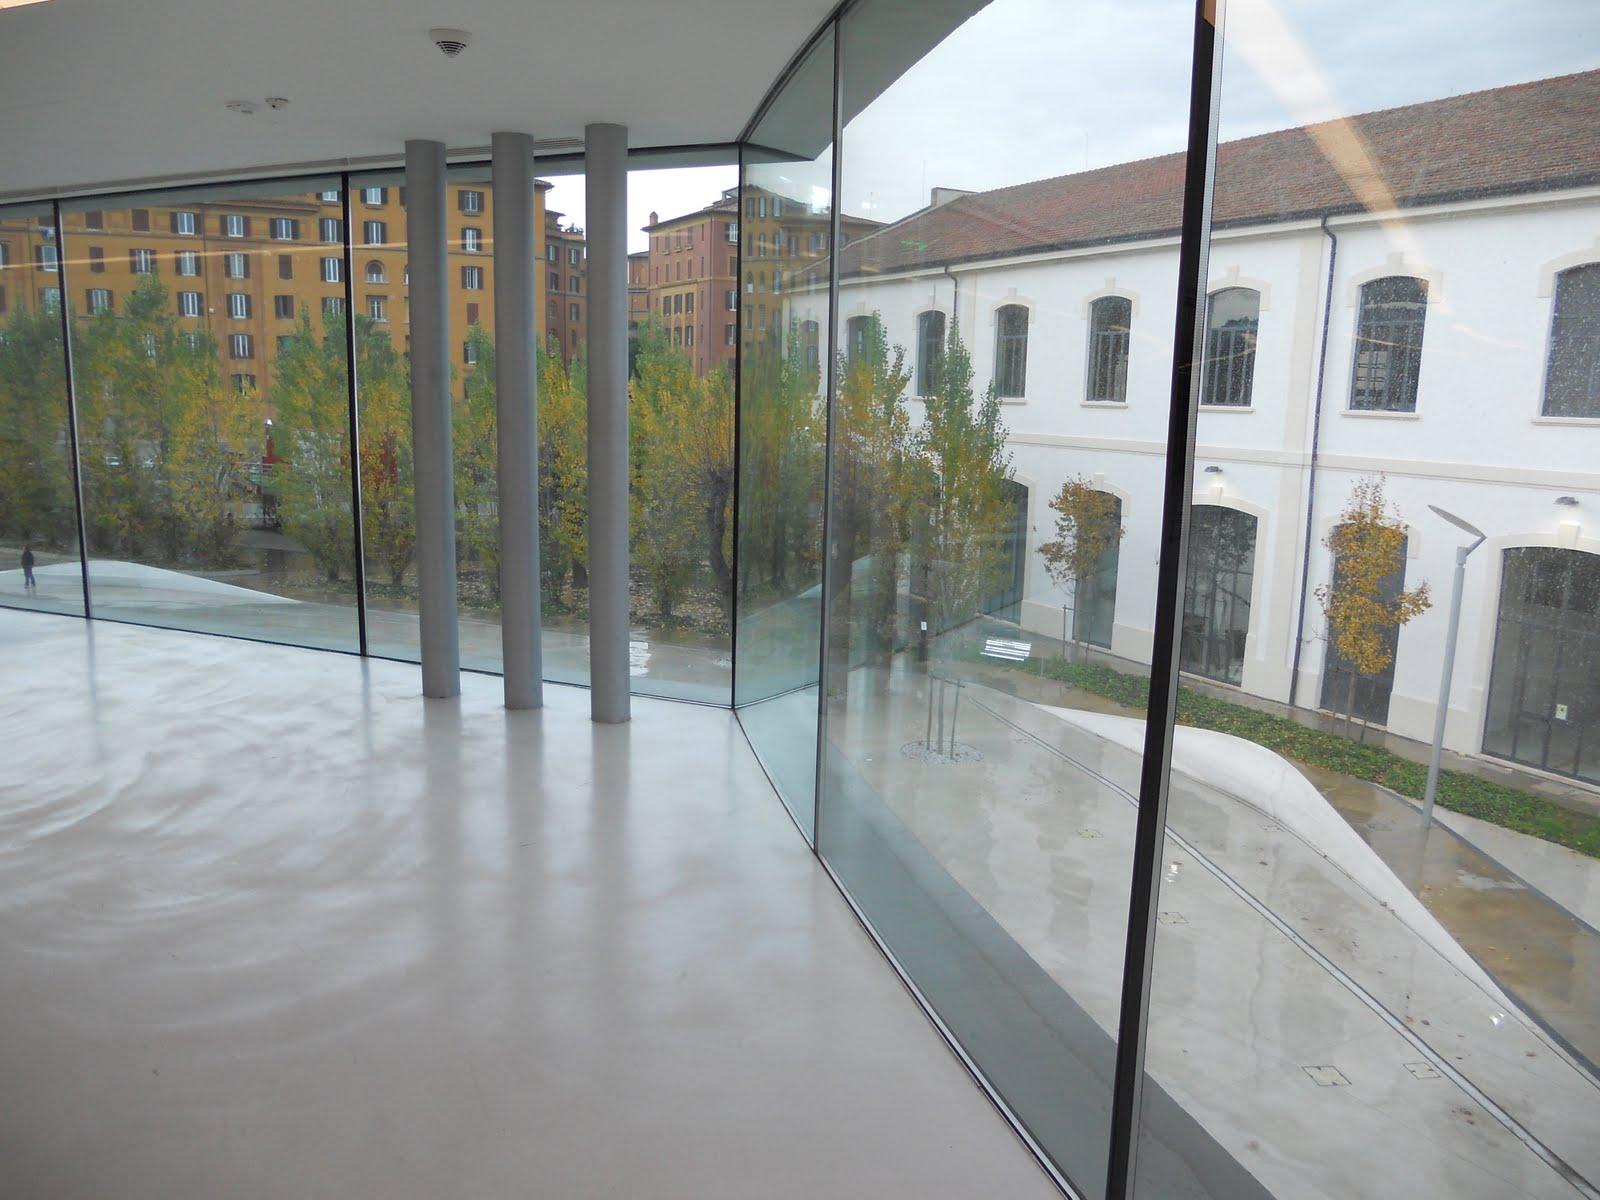 Fortunato vazzana design allievo corso a prof cecilia for Biblioteca maxxi